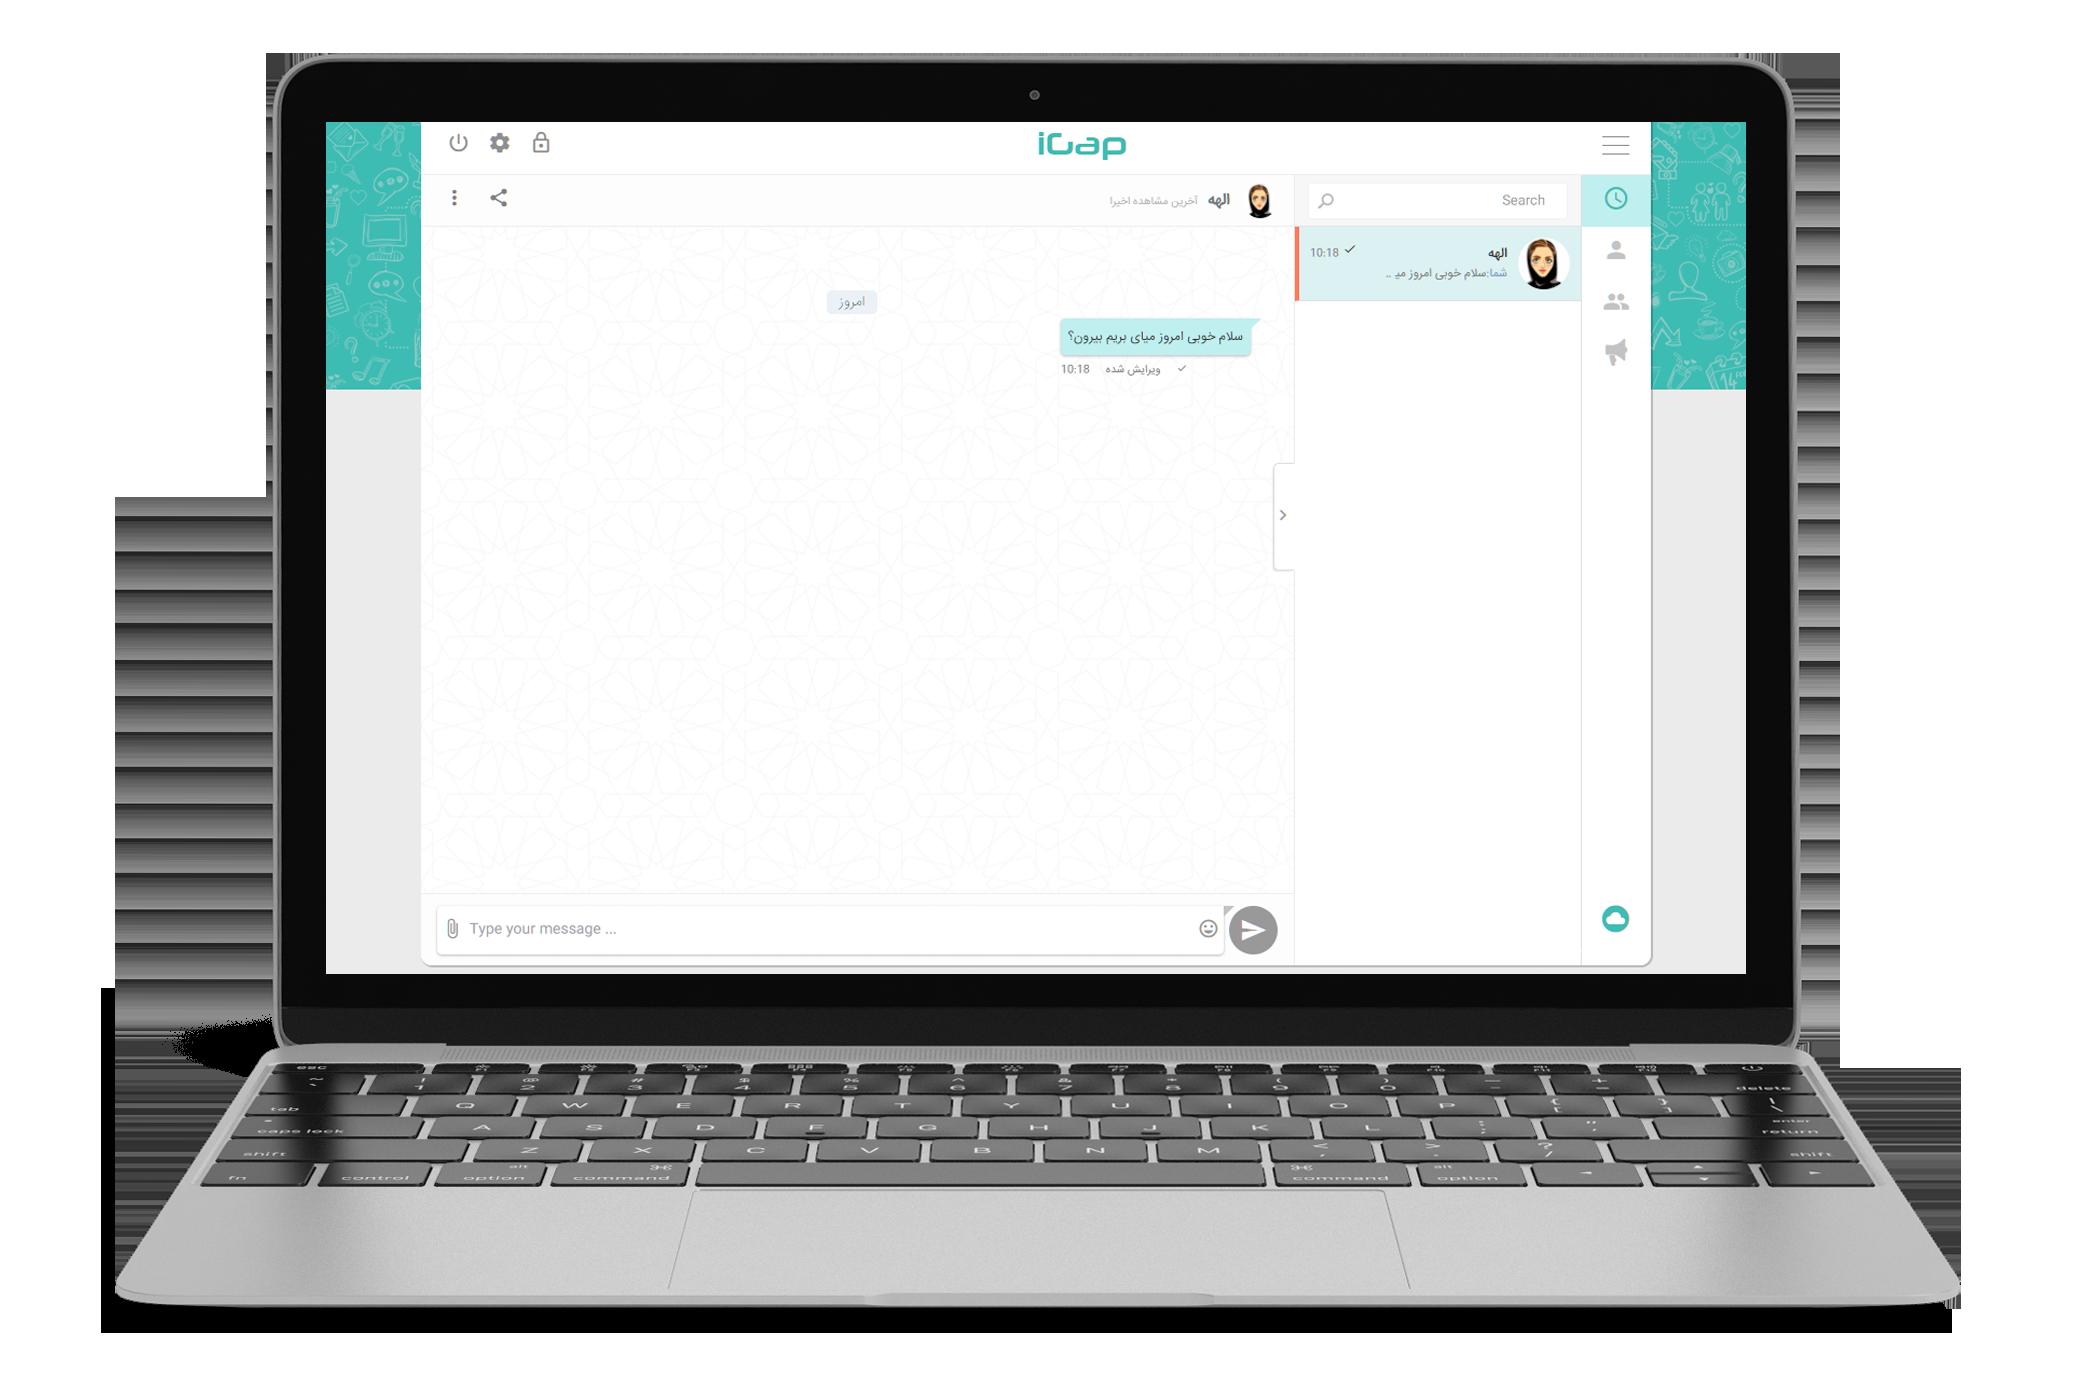 نحوه ی ویرایش پیام در نسخه ی وب آیگپ